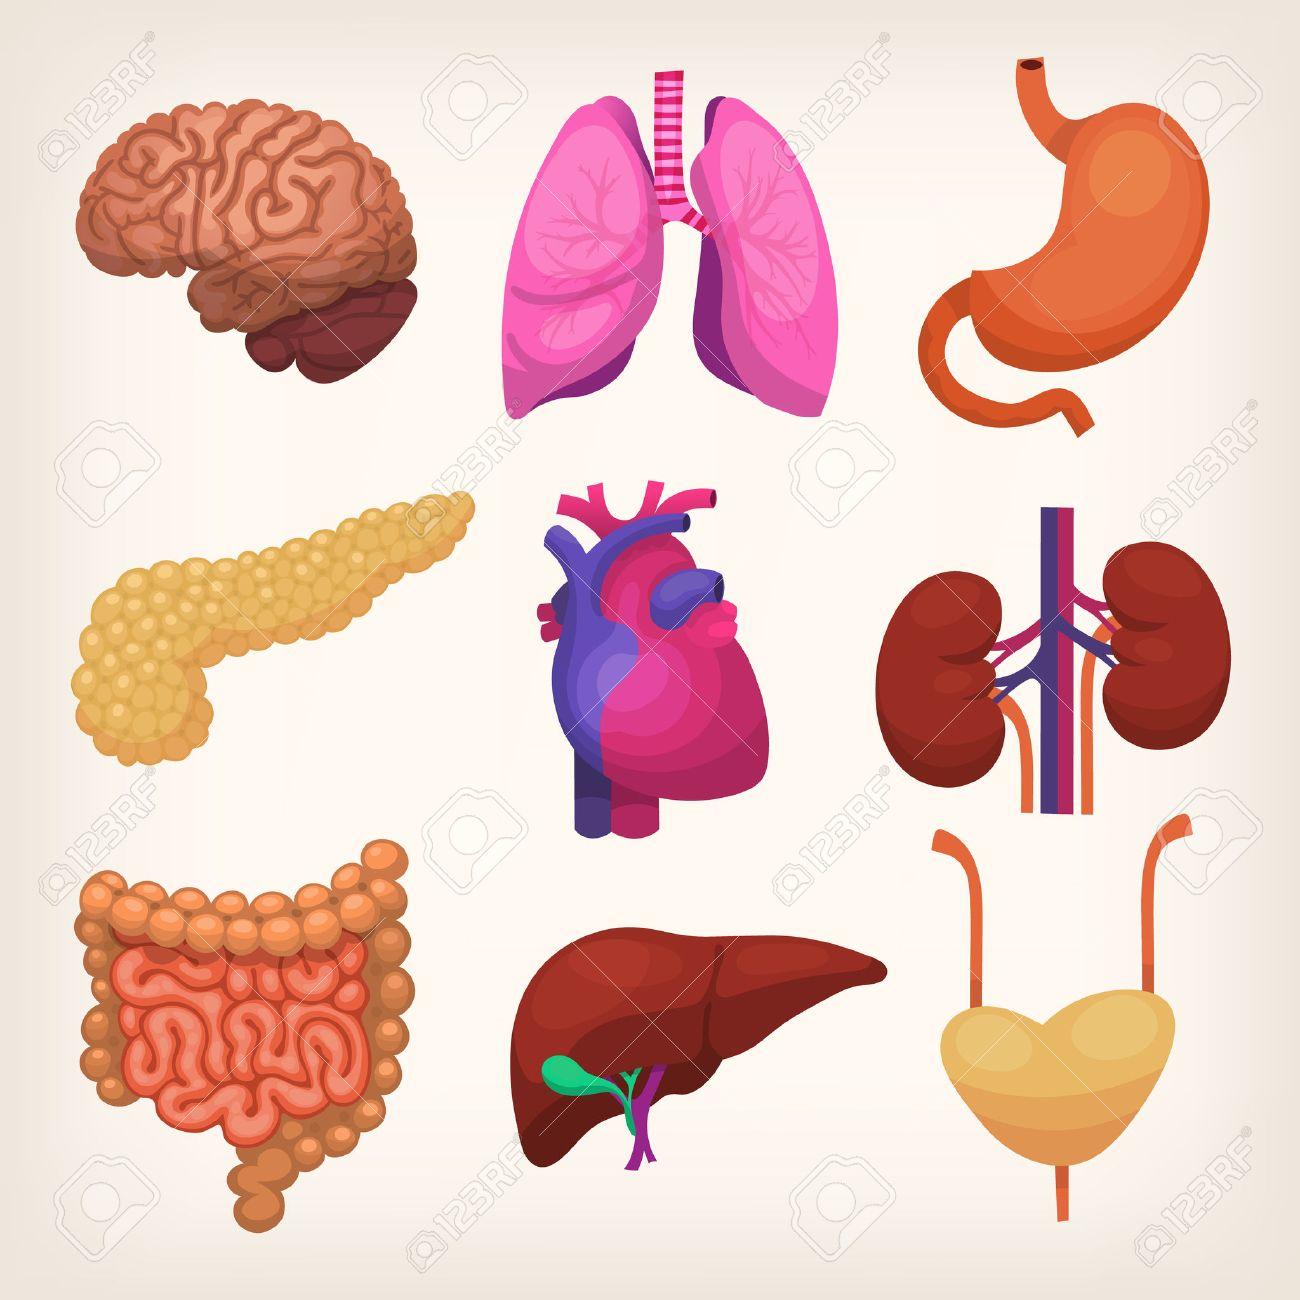 Conjunto De órganos Del Cuerpo Humano Realistas Coloridos ...